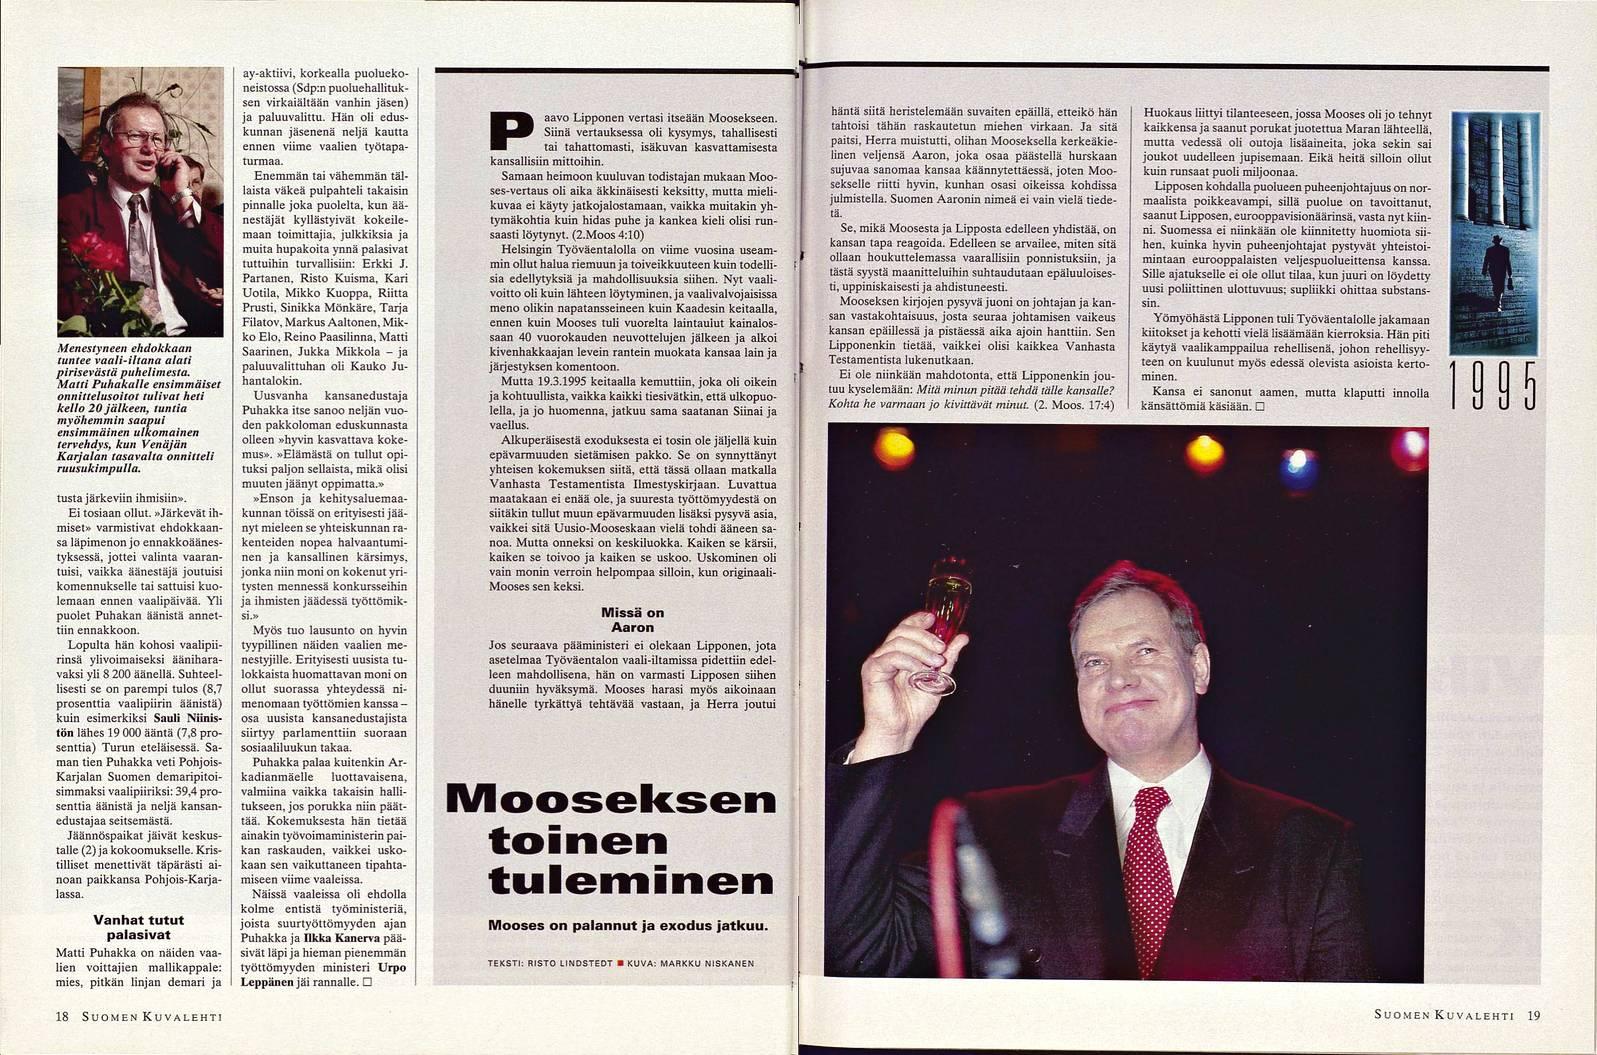 """SK 12/1995 (24.3.1995) Risto Lindstedt: """"Mooseksen toinen tuleminen"""". Kuva: Markku Niskanen."""